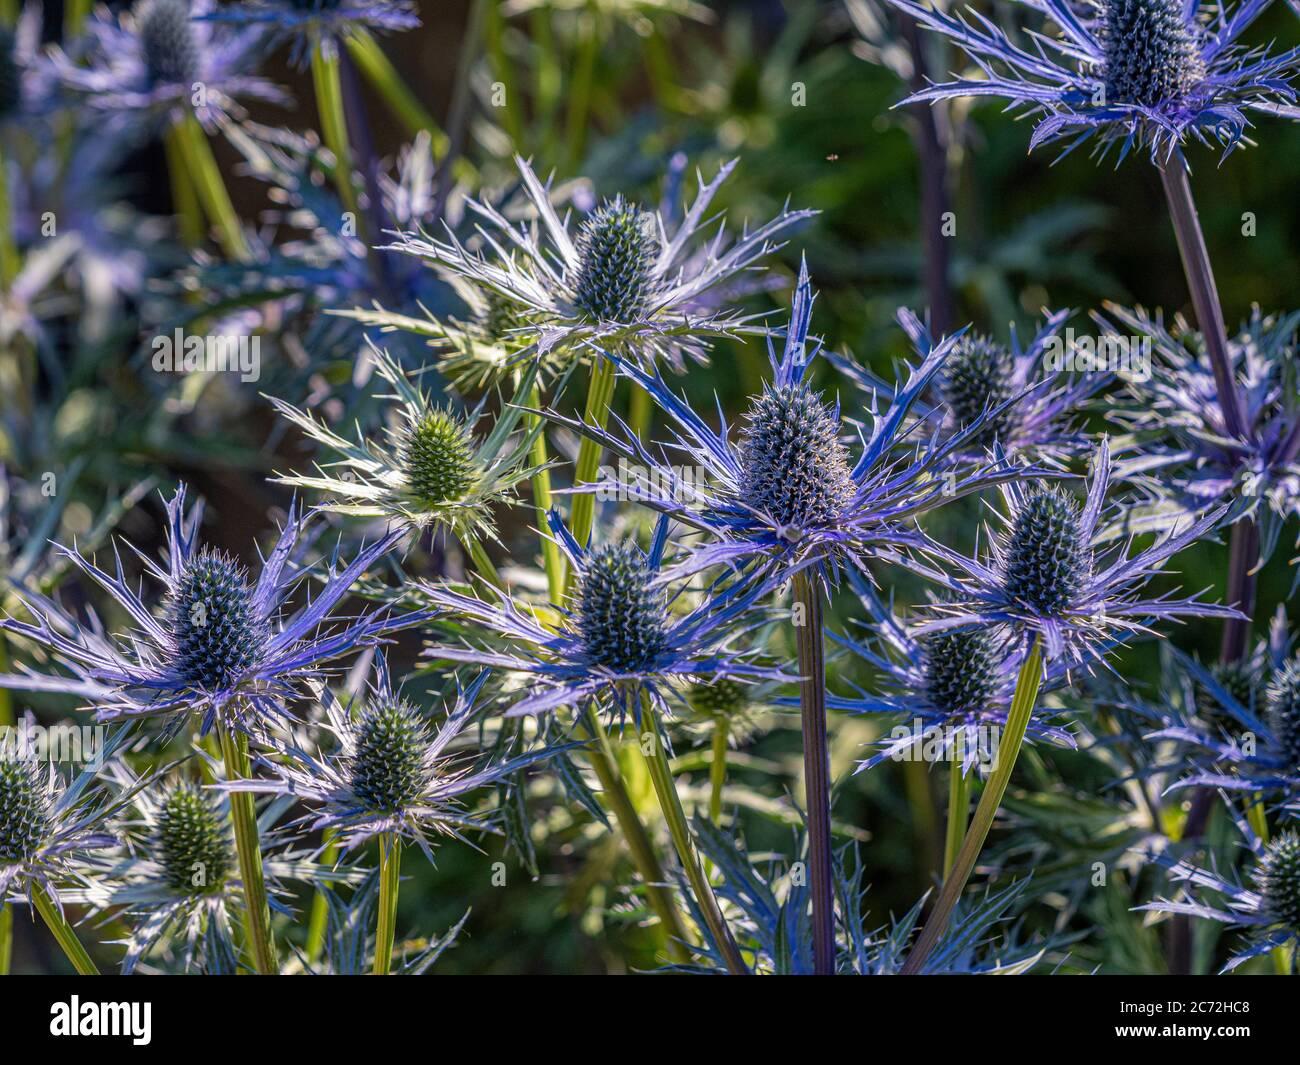 Fiori blu spiky di Eryngium che crescono in un giardino. Foto Stock